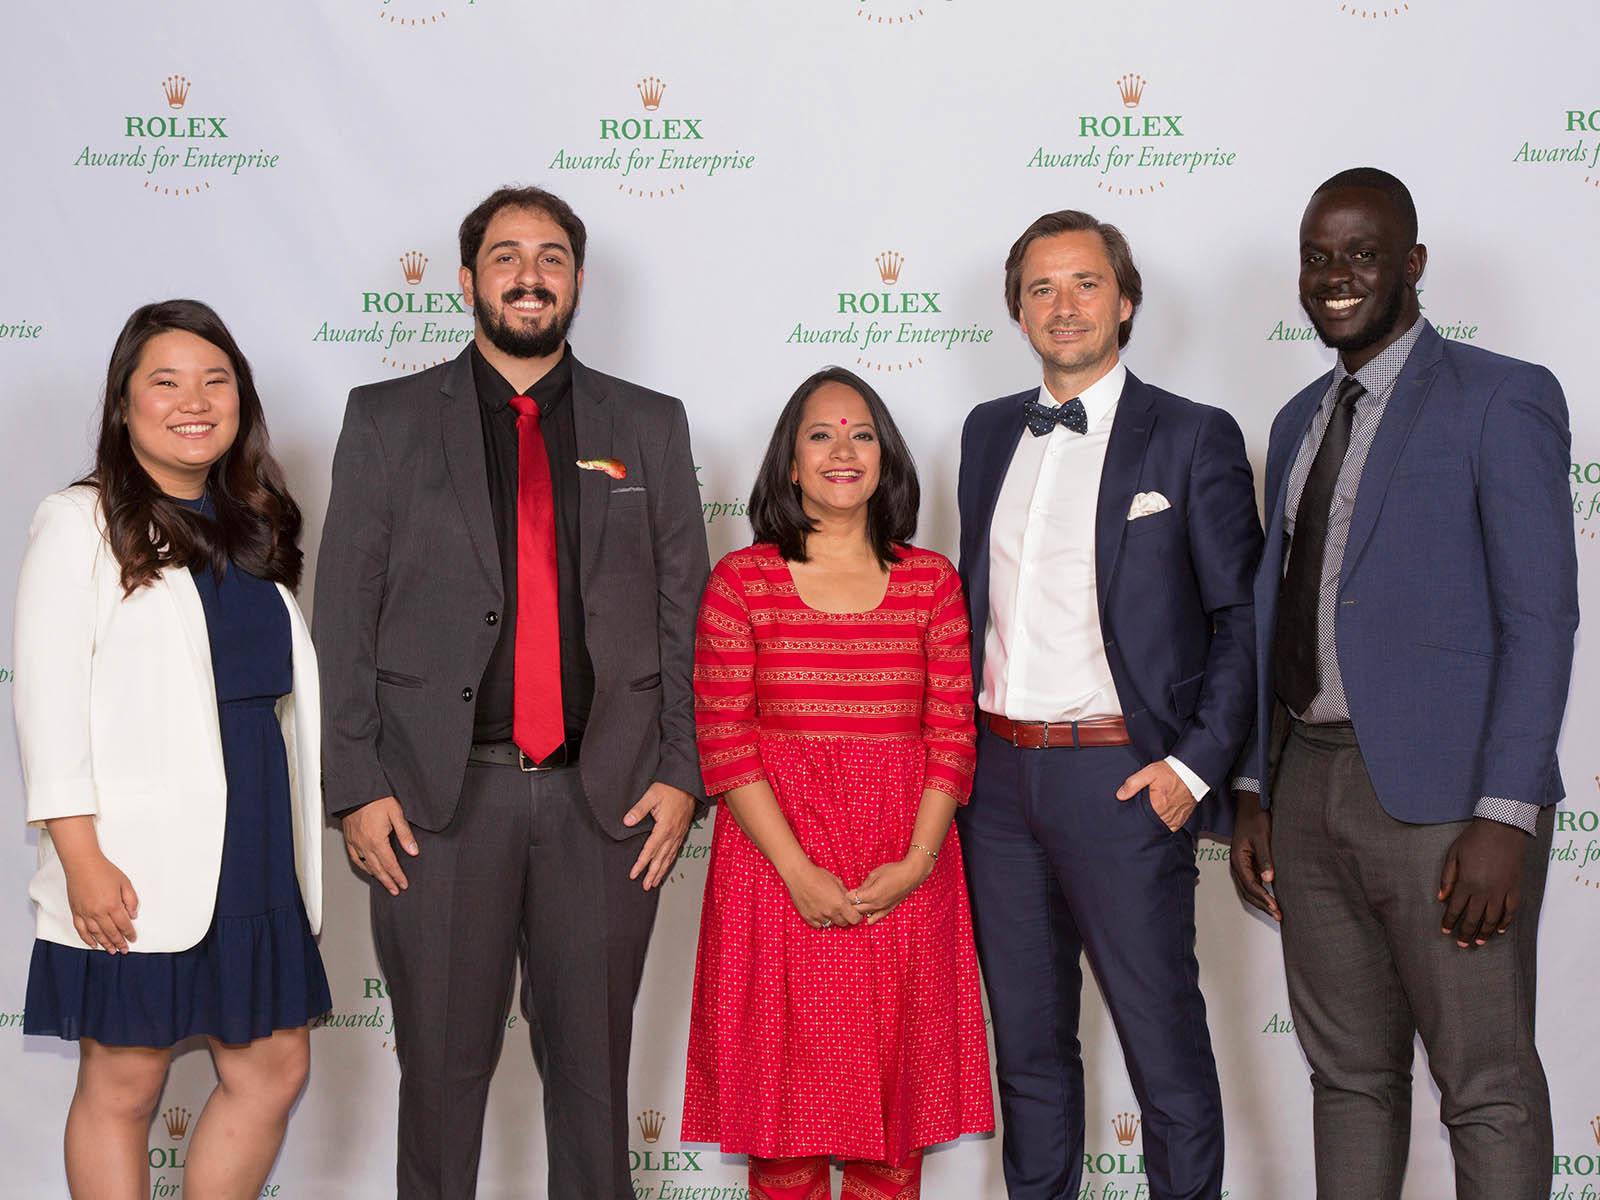 2019-rolex-awards-for-enterprise-19.jpg